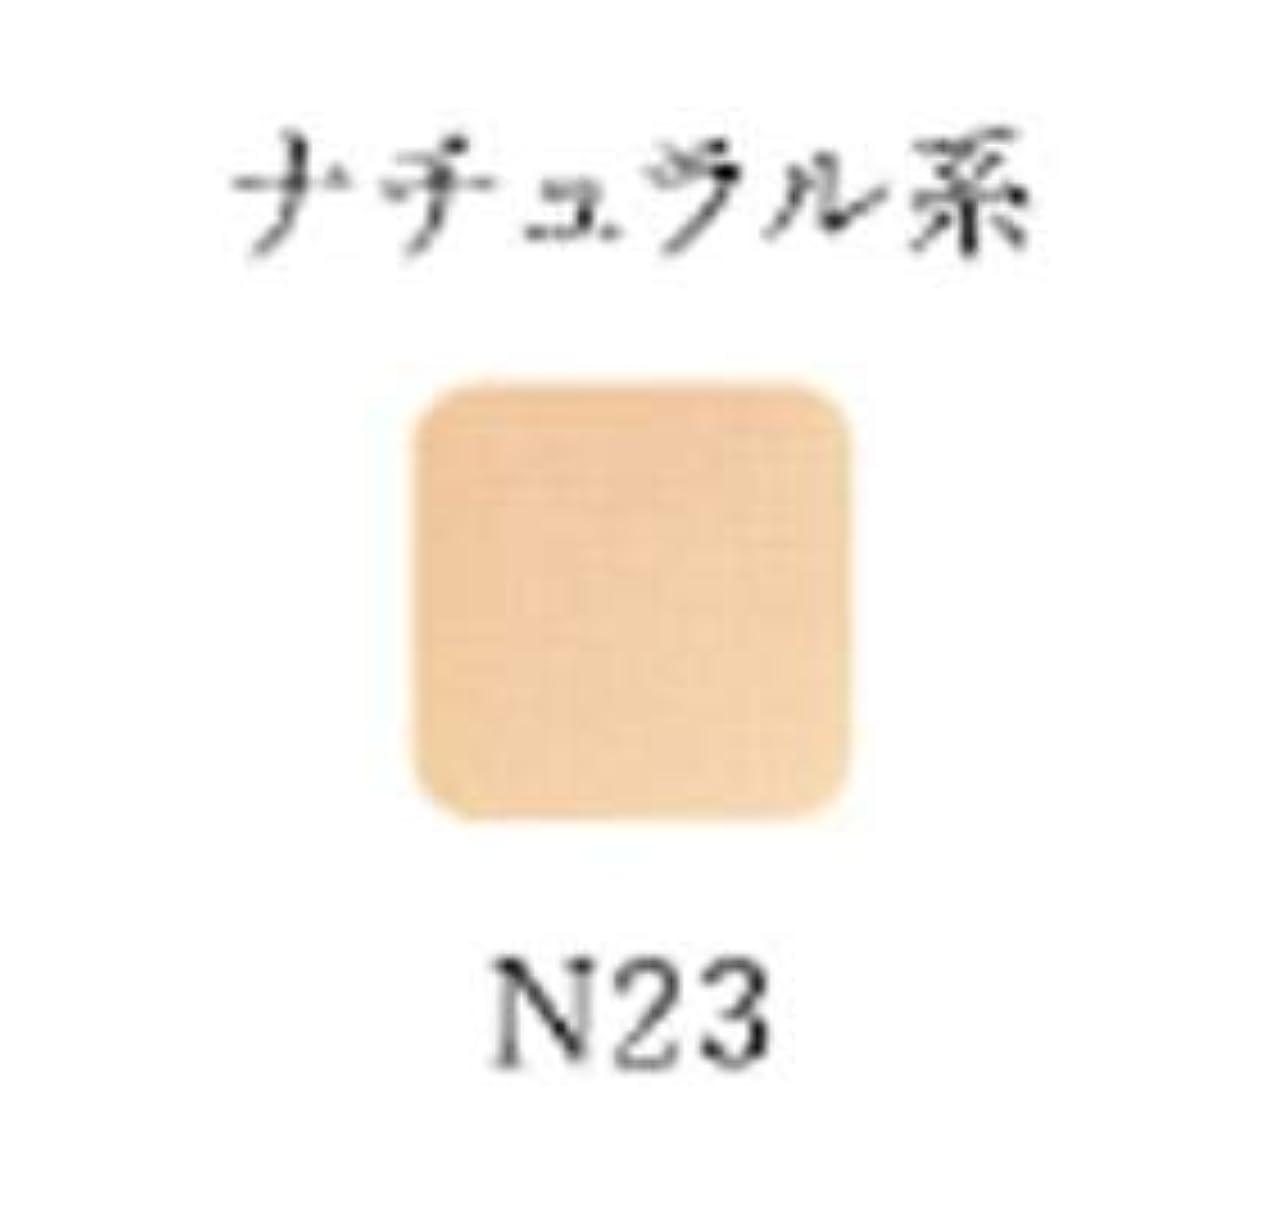 スピリチュアル不忠分岐するオリリー パウダリーフィニッシュUV(2ウェイ)(リフィル) N23ナチュラル系<ケース別売>(14g)